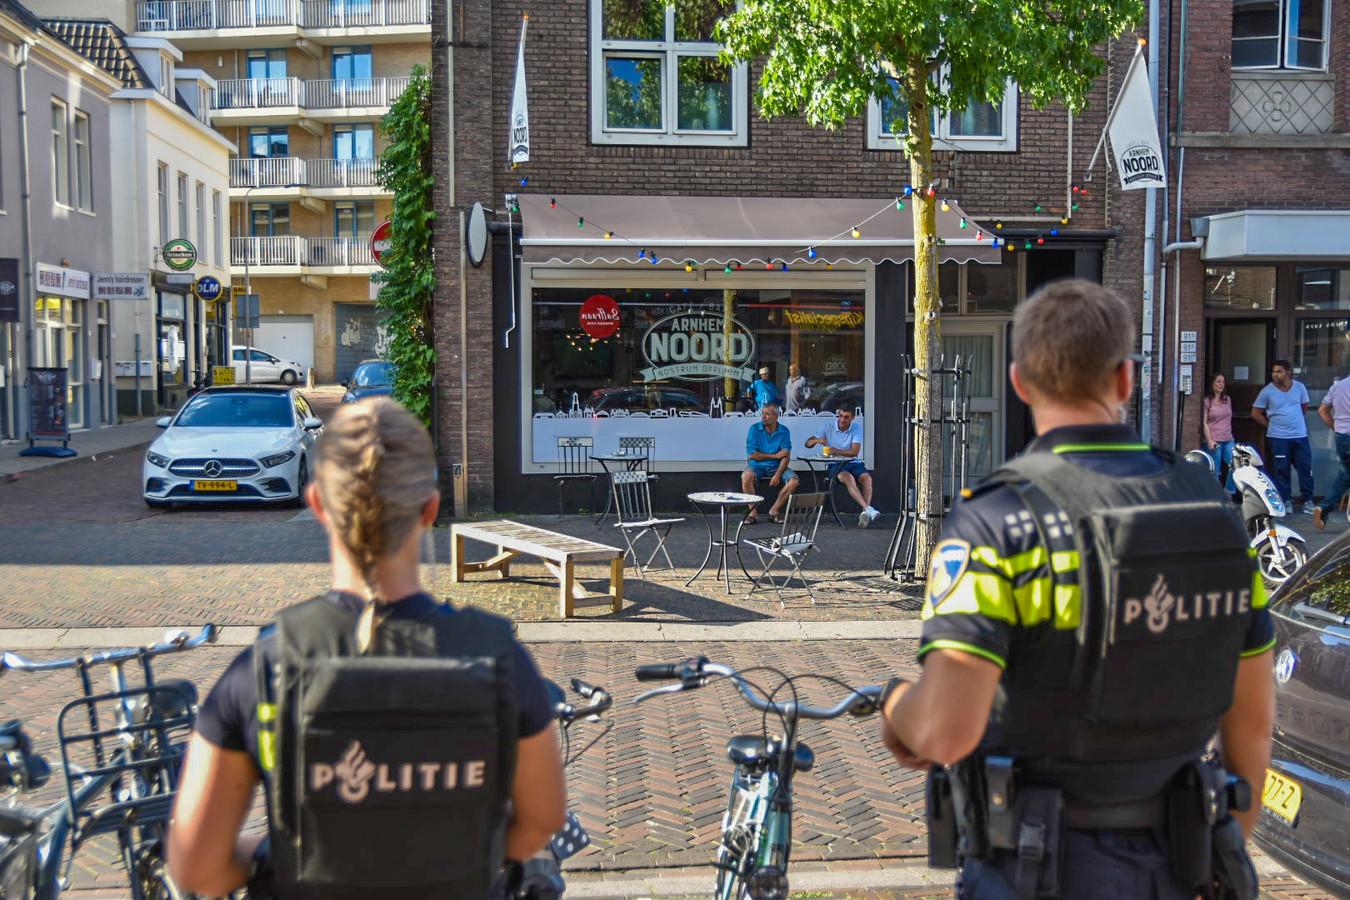 Politie in de Steenstraat in Arnhem